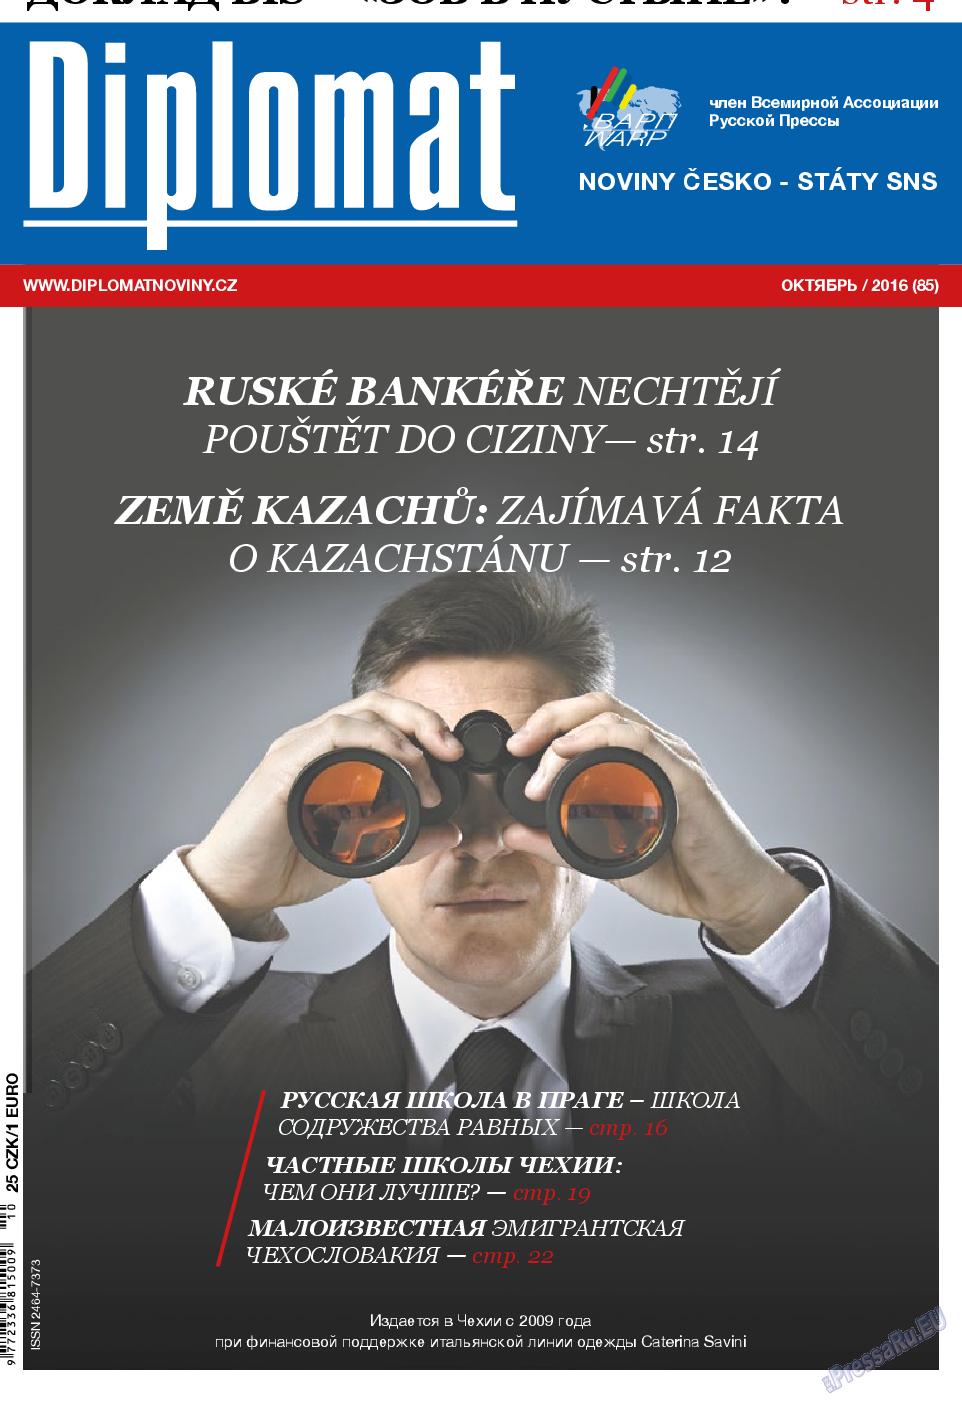 Diplomat (газета). 2016 год, номер 85, стр. 1